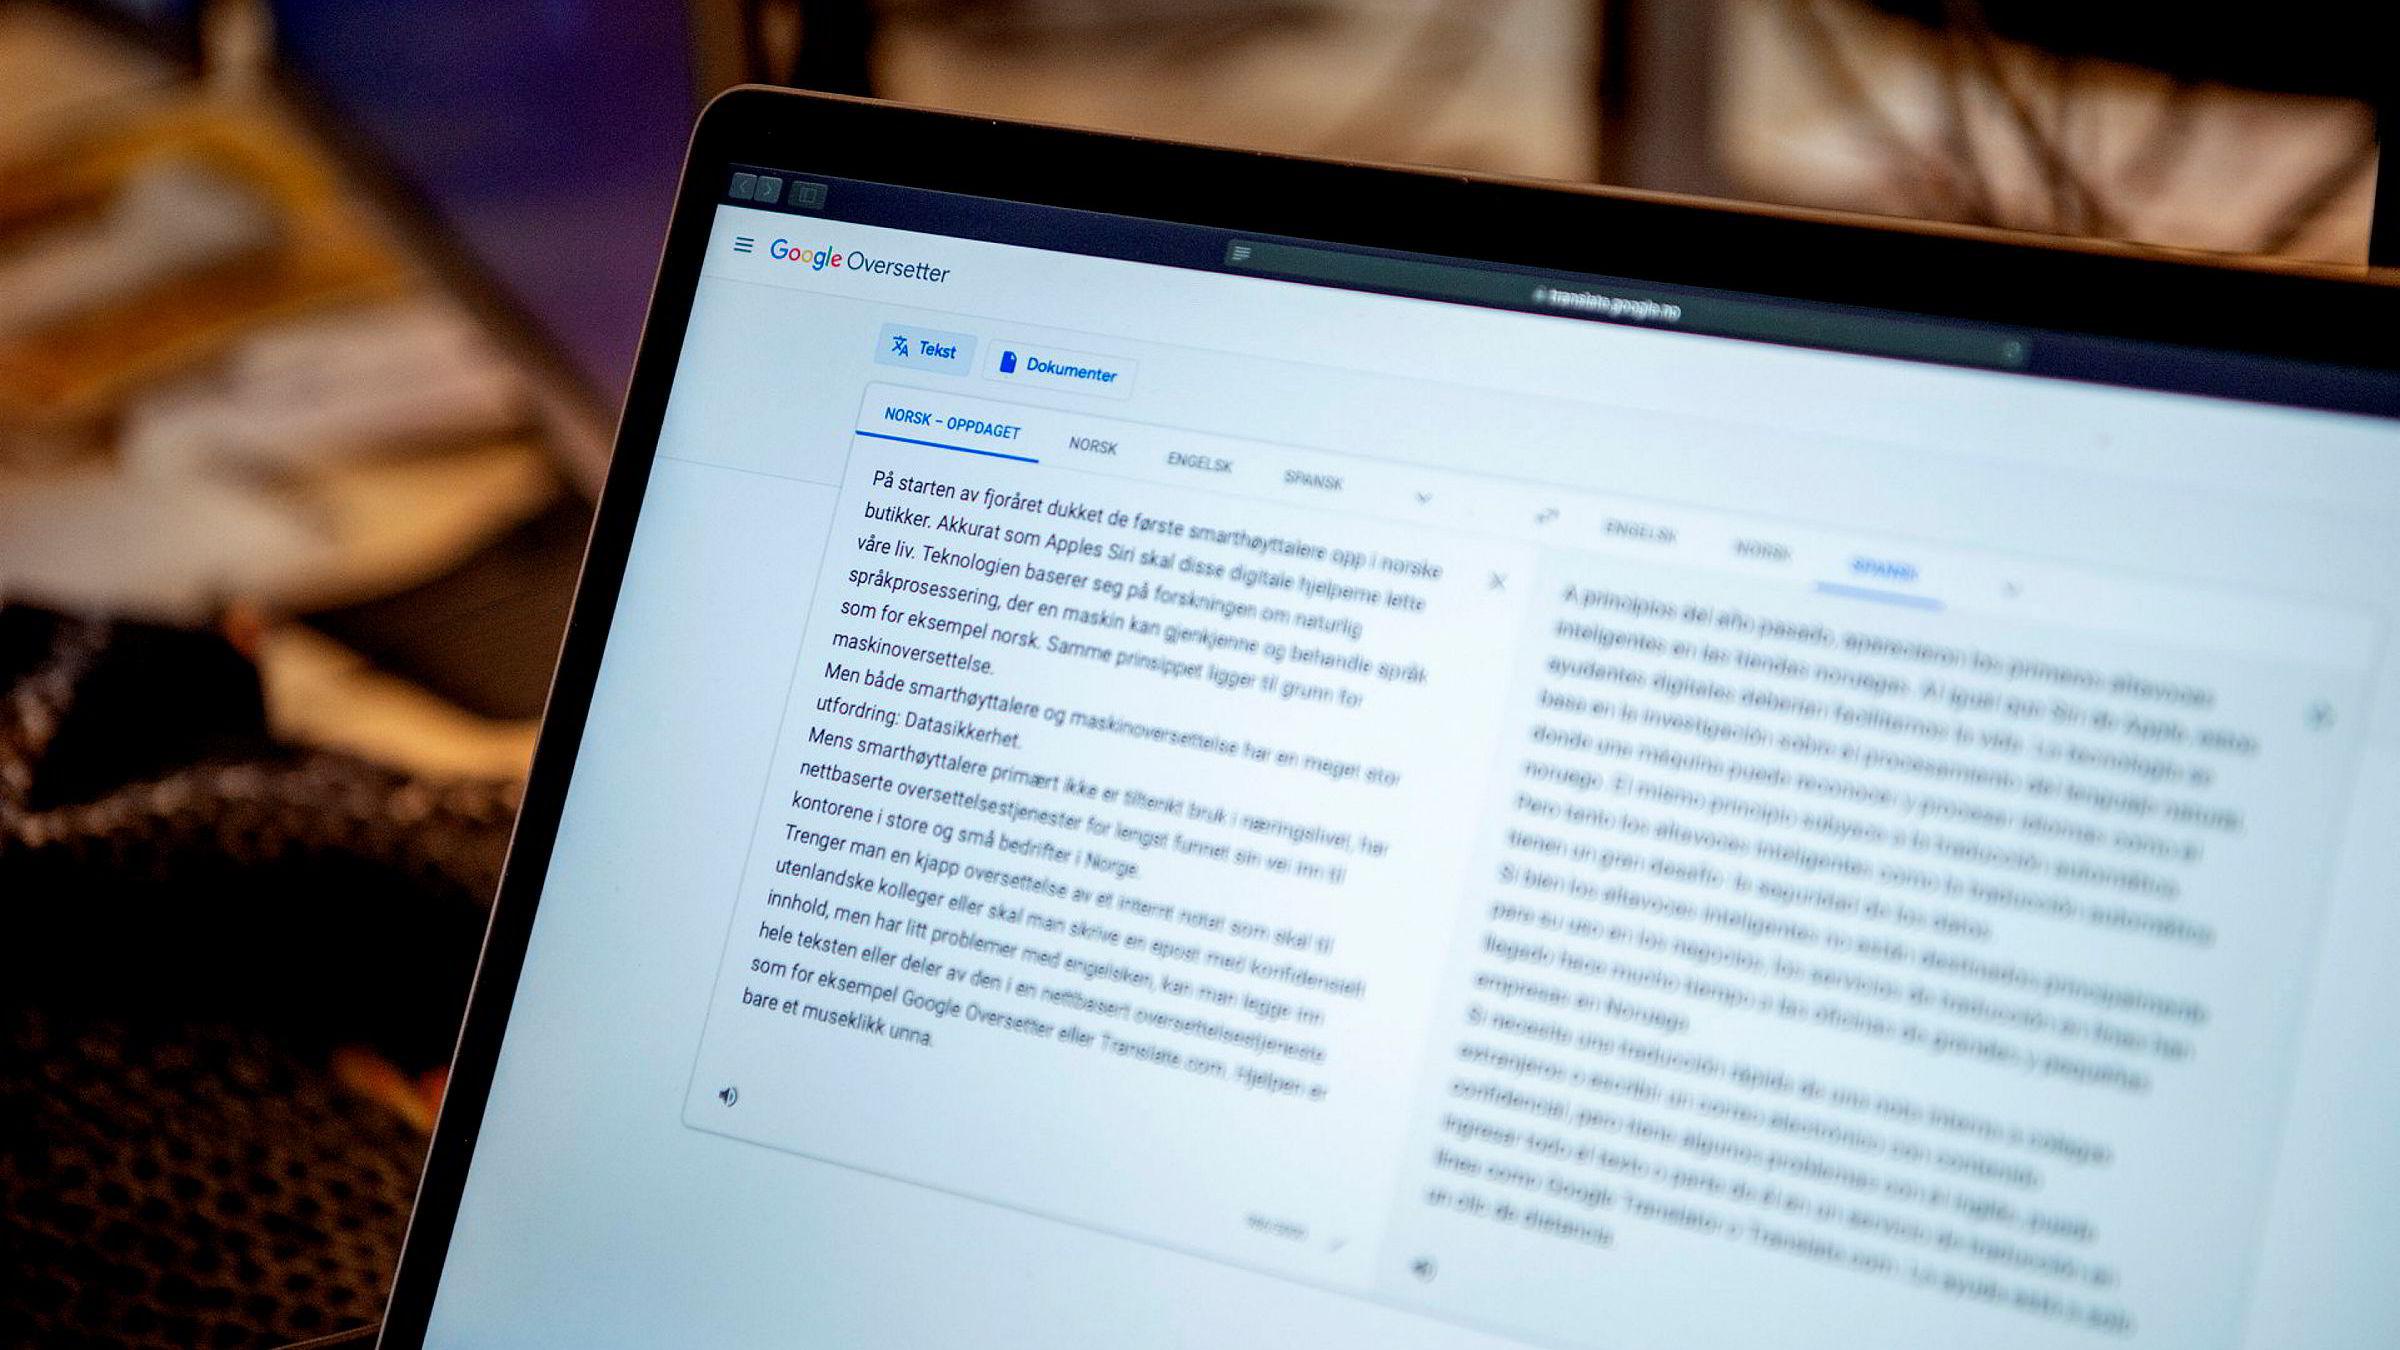 Bruken av nettbasert maskinoversettelse har nærmest eksplodert siden lanseringen av Google Oversetter i 2006. På Googles egen blogg opplyses det at de oversetter cirka 100 millioner ord hver dag, skriver artikkelforfatterne.